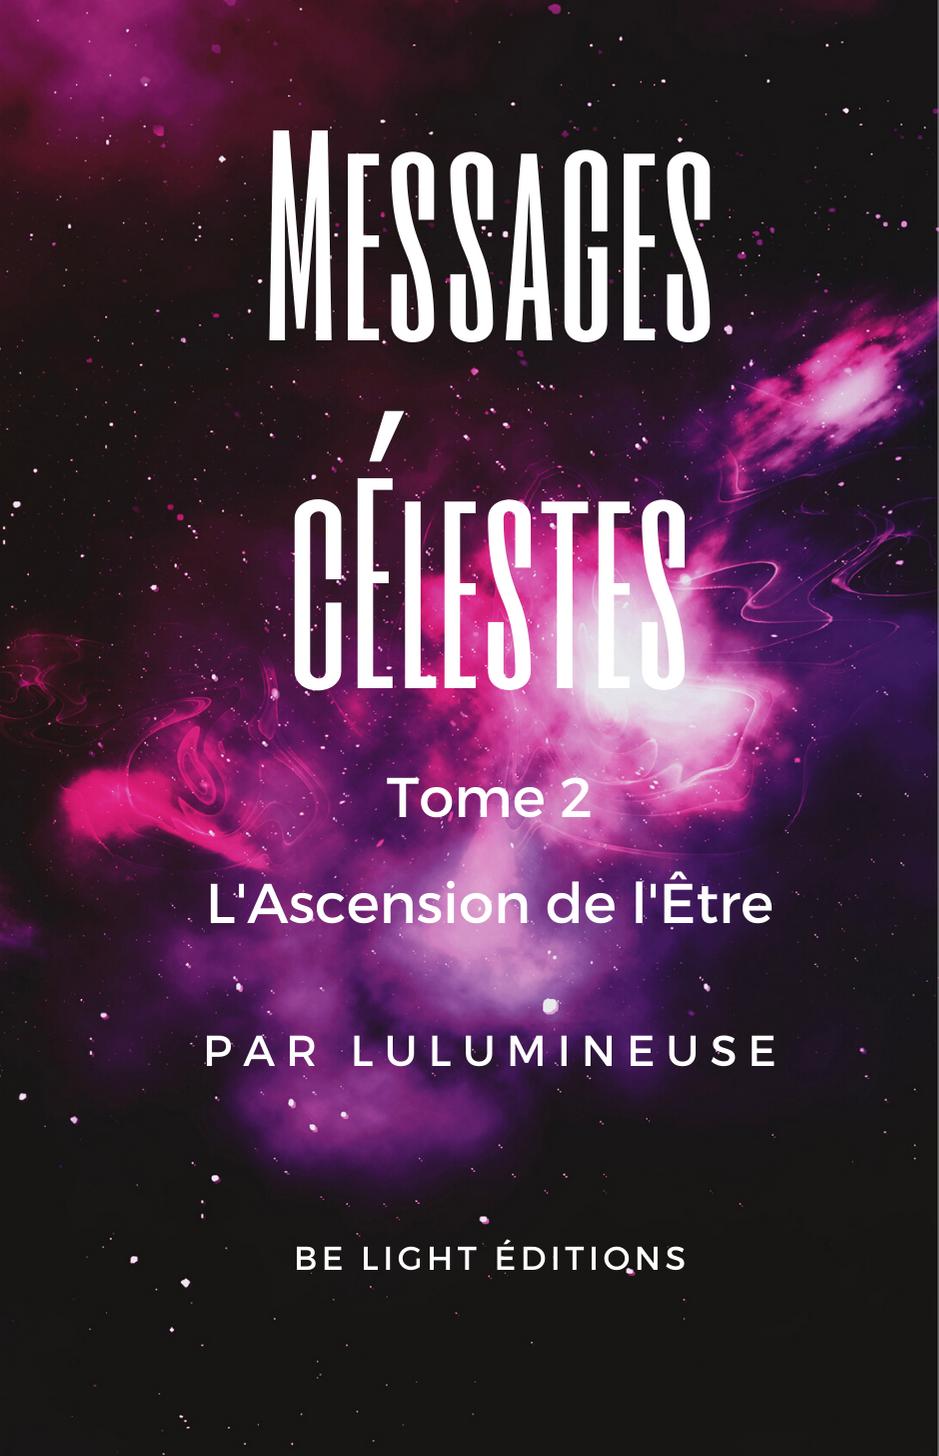 Messages Célestes tome 2